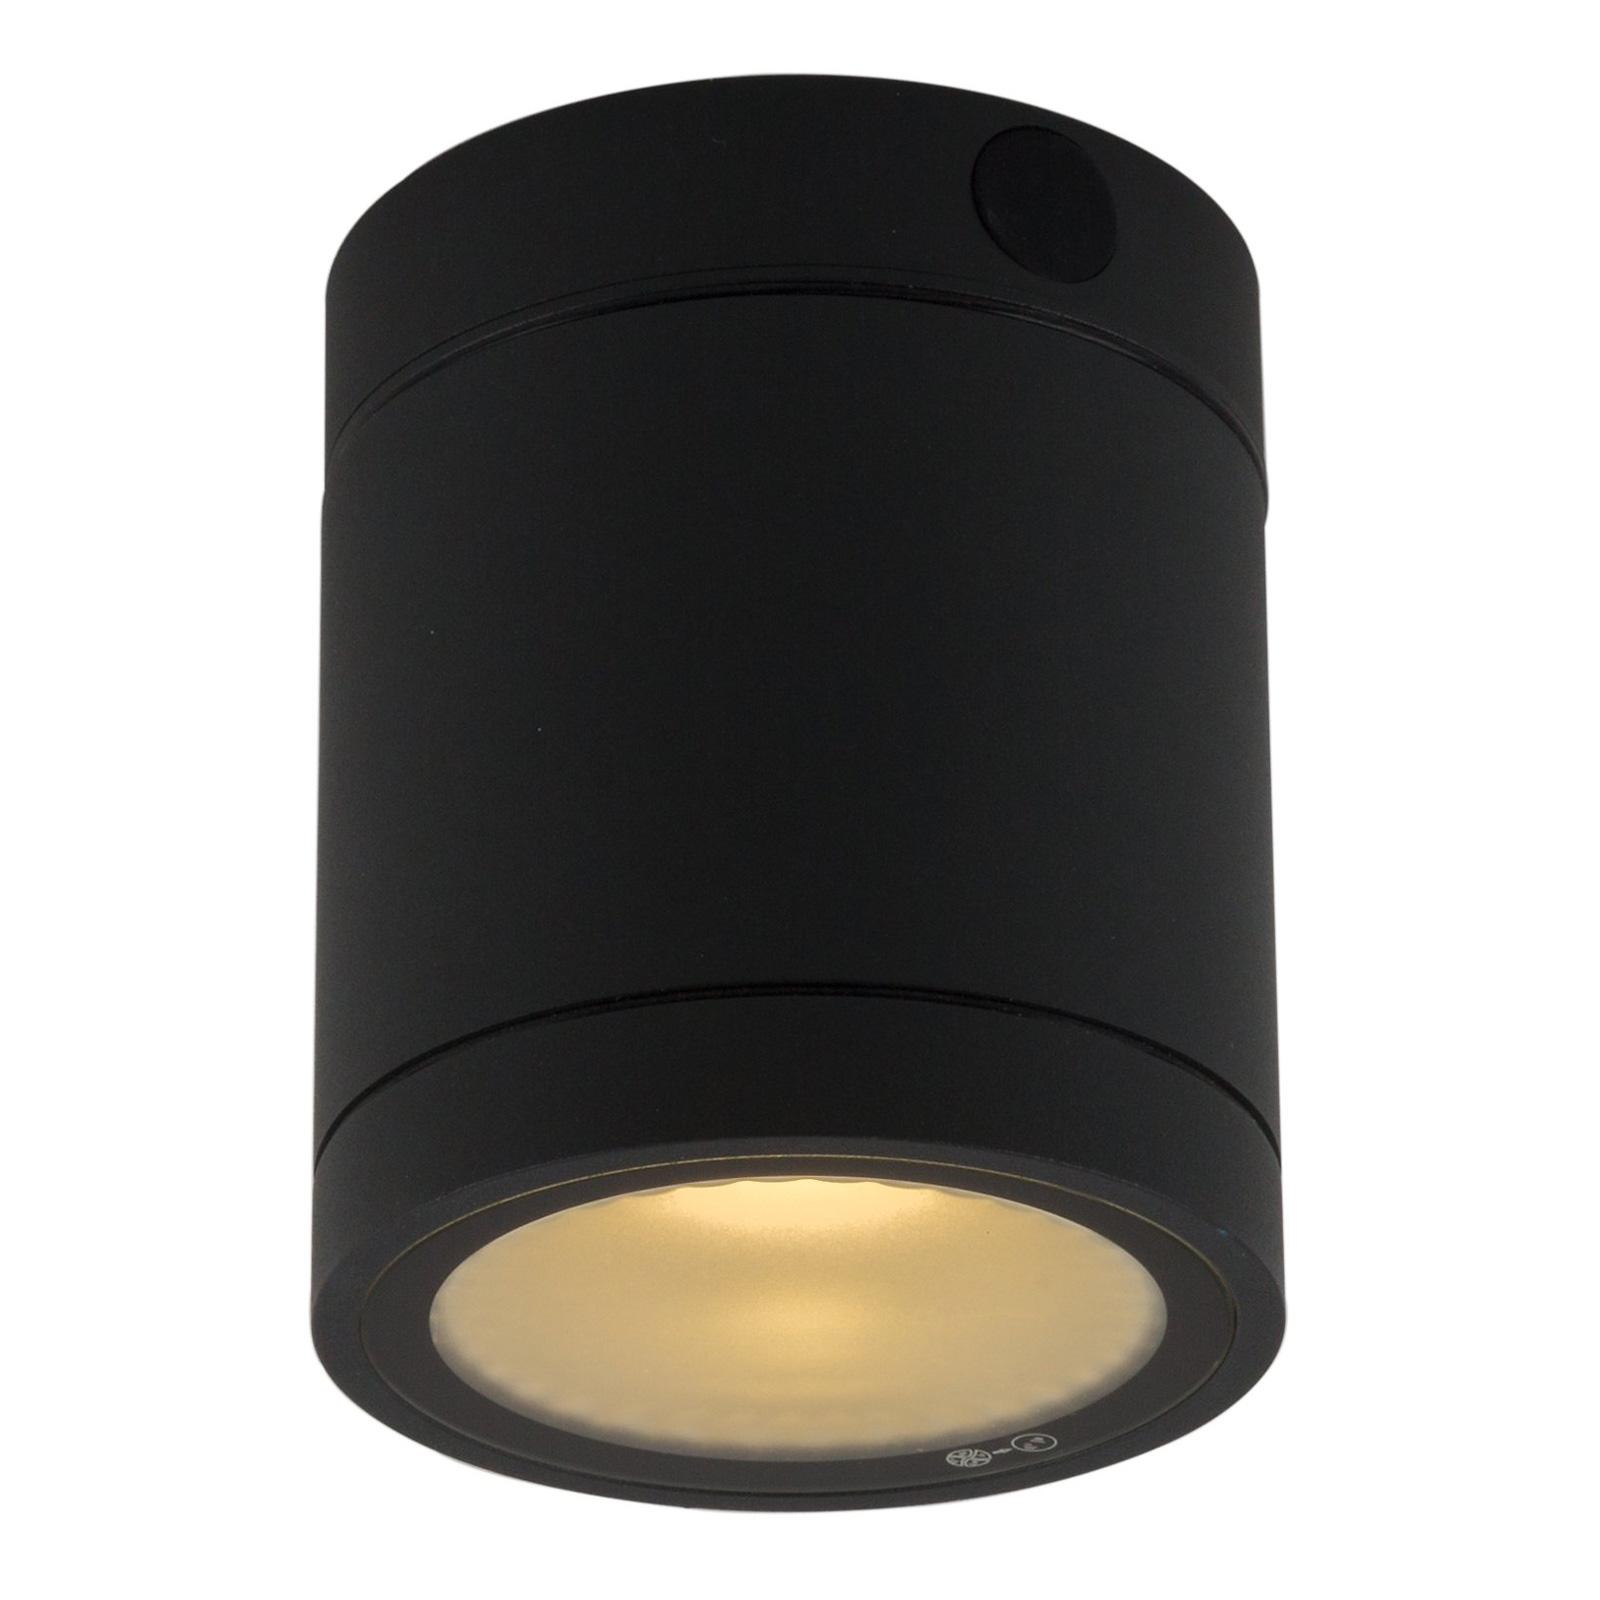 LED-kattovalaisin Negro ulkokäyttöön